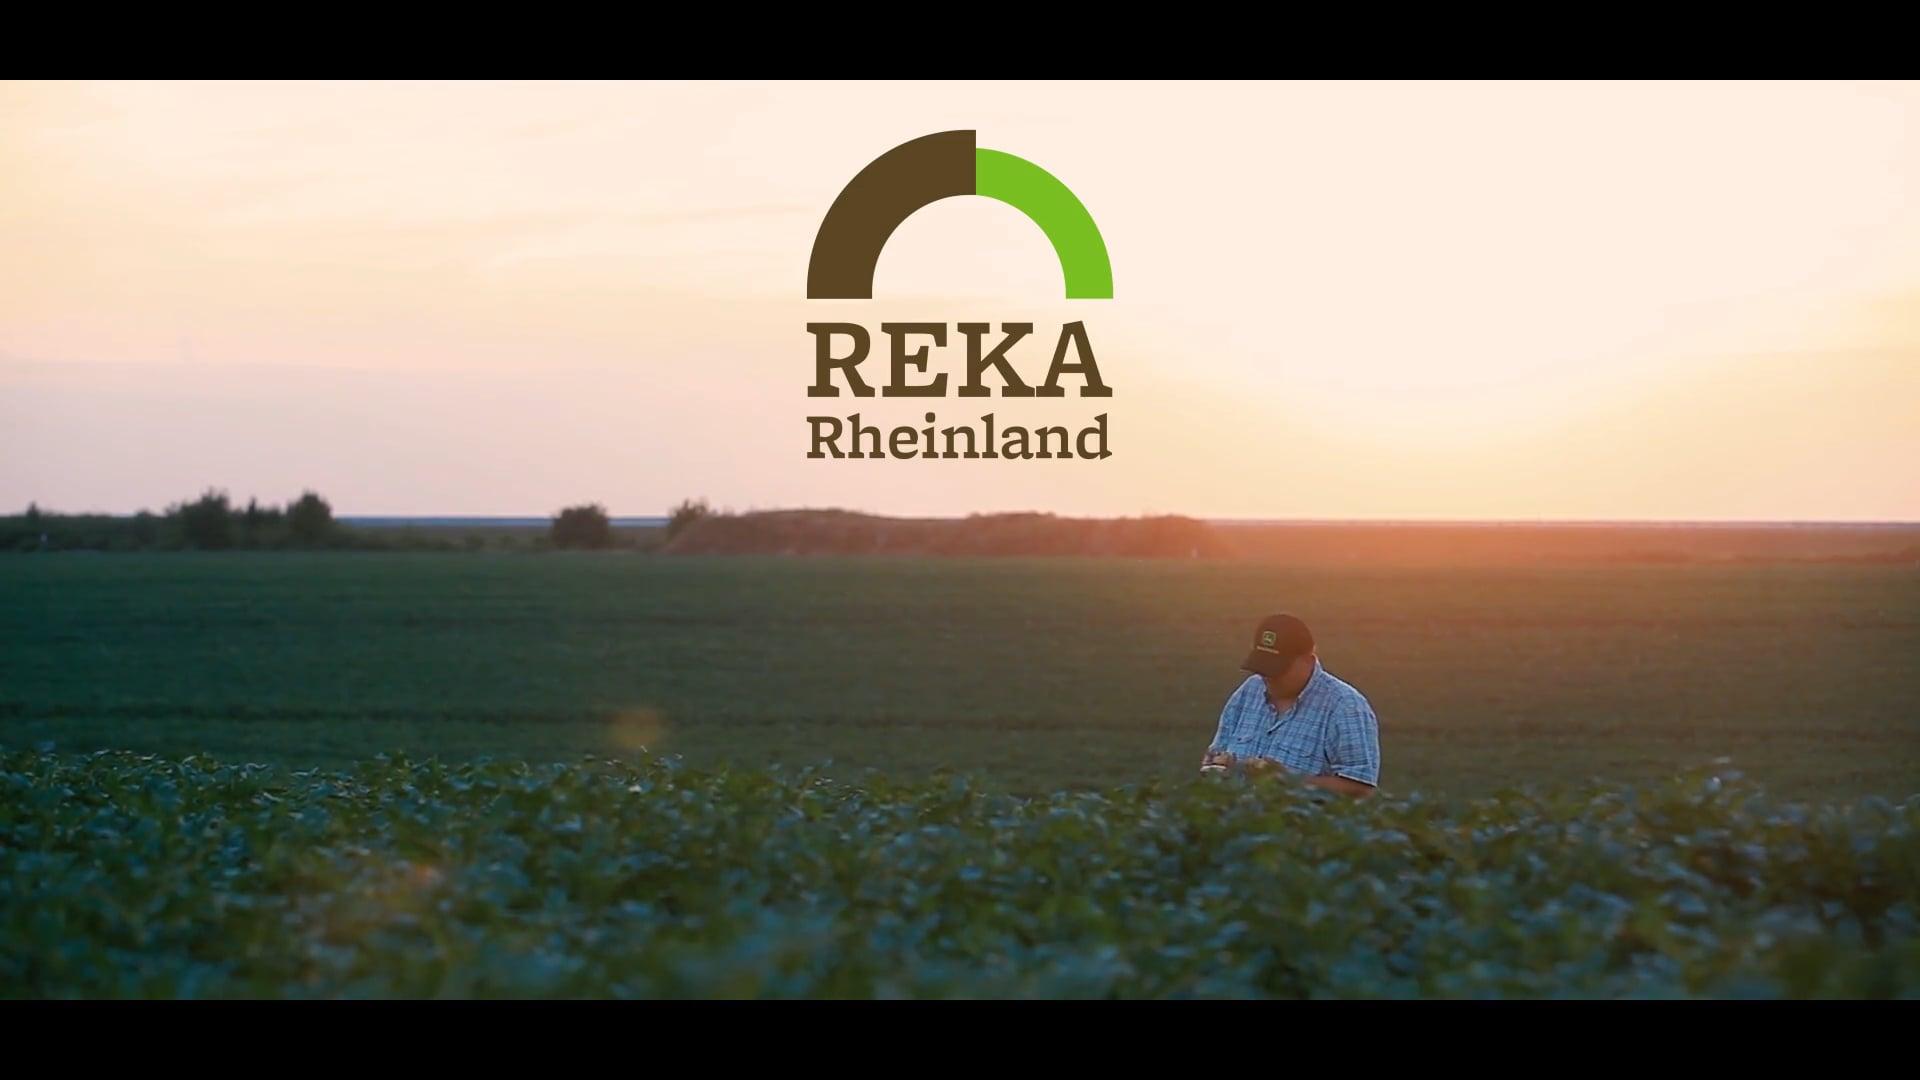 REKA Rheinland - Die rheinländische Kartoffel